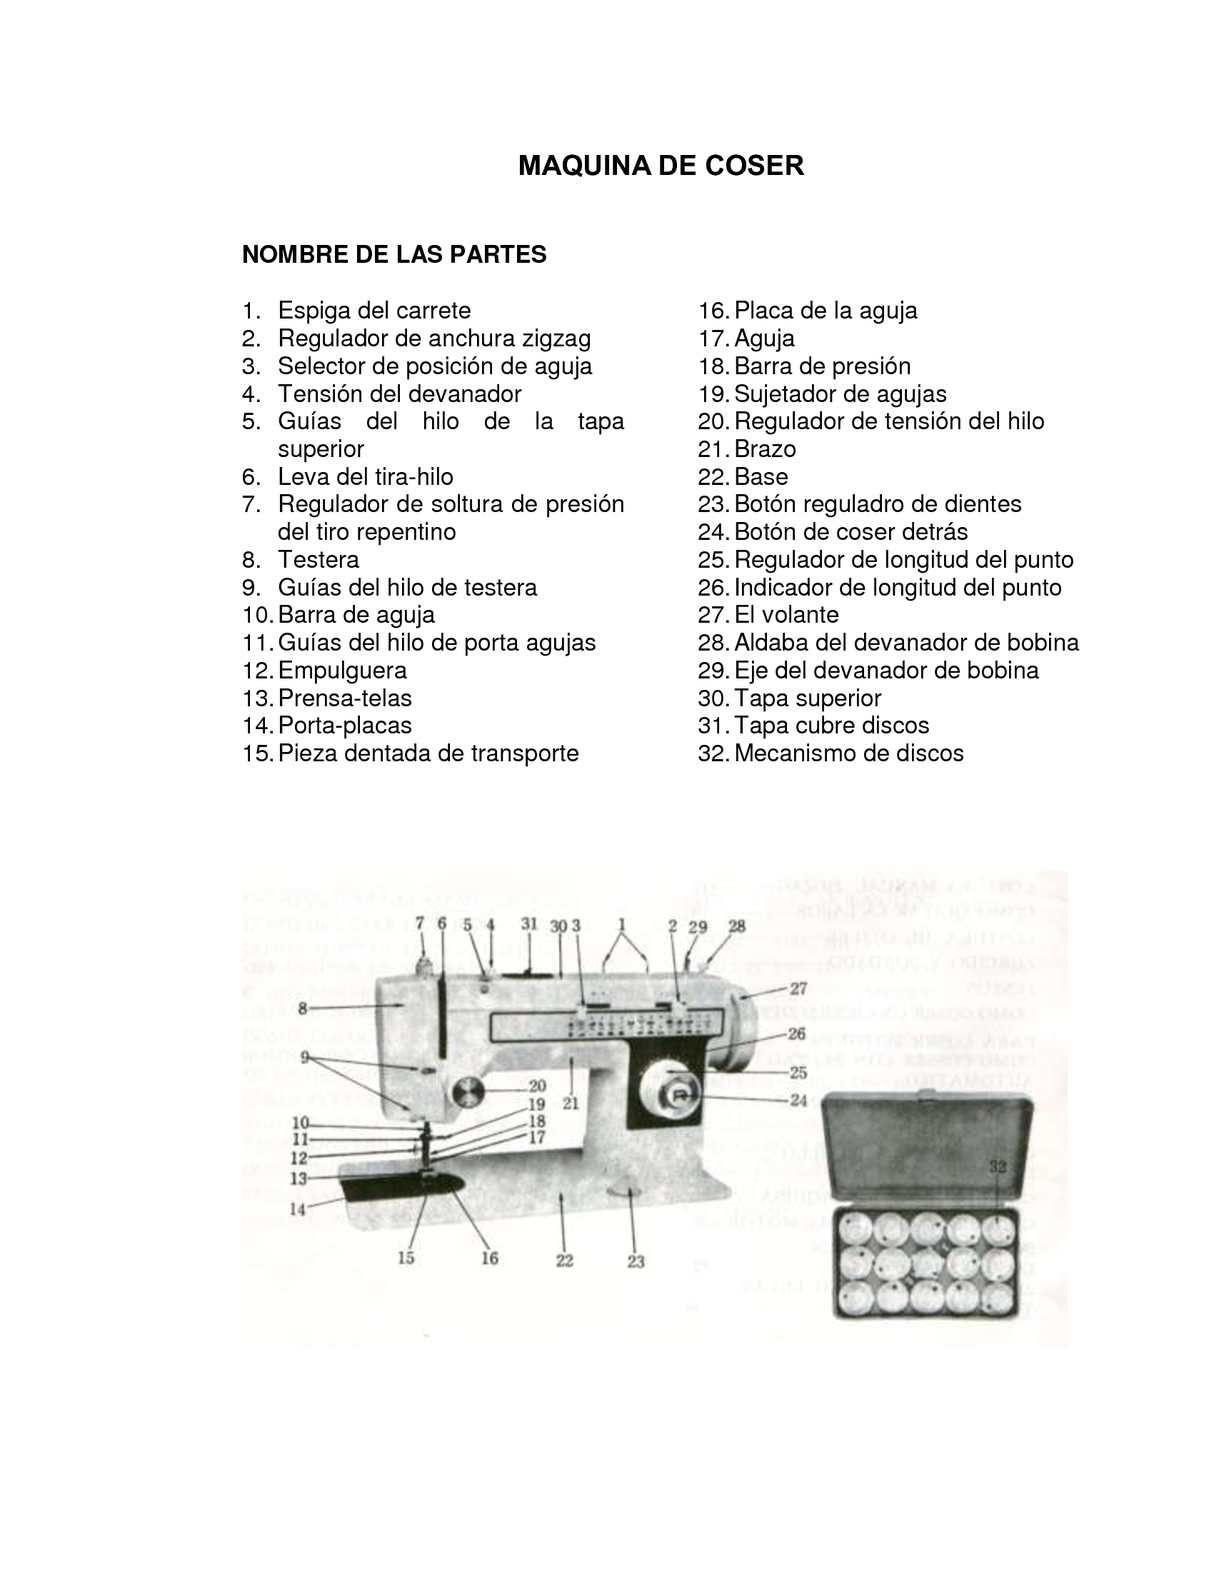 CURSO BASICO DE COSTURA - Confección Ropa Mujer | costura básica ...